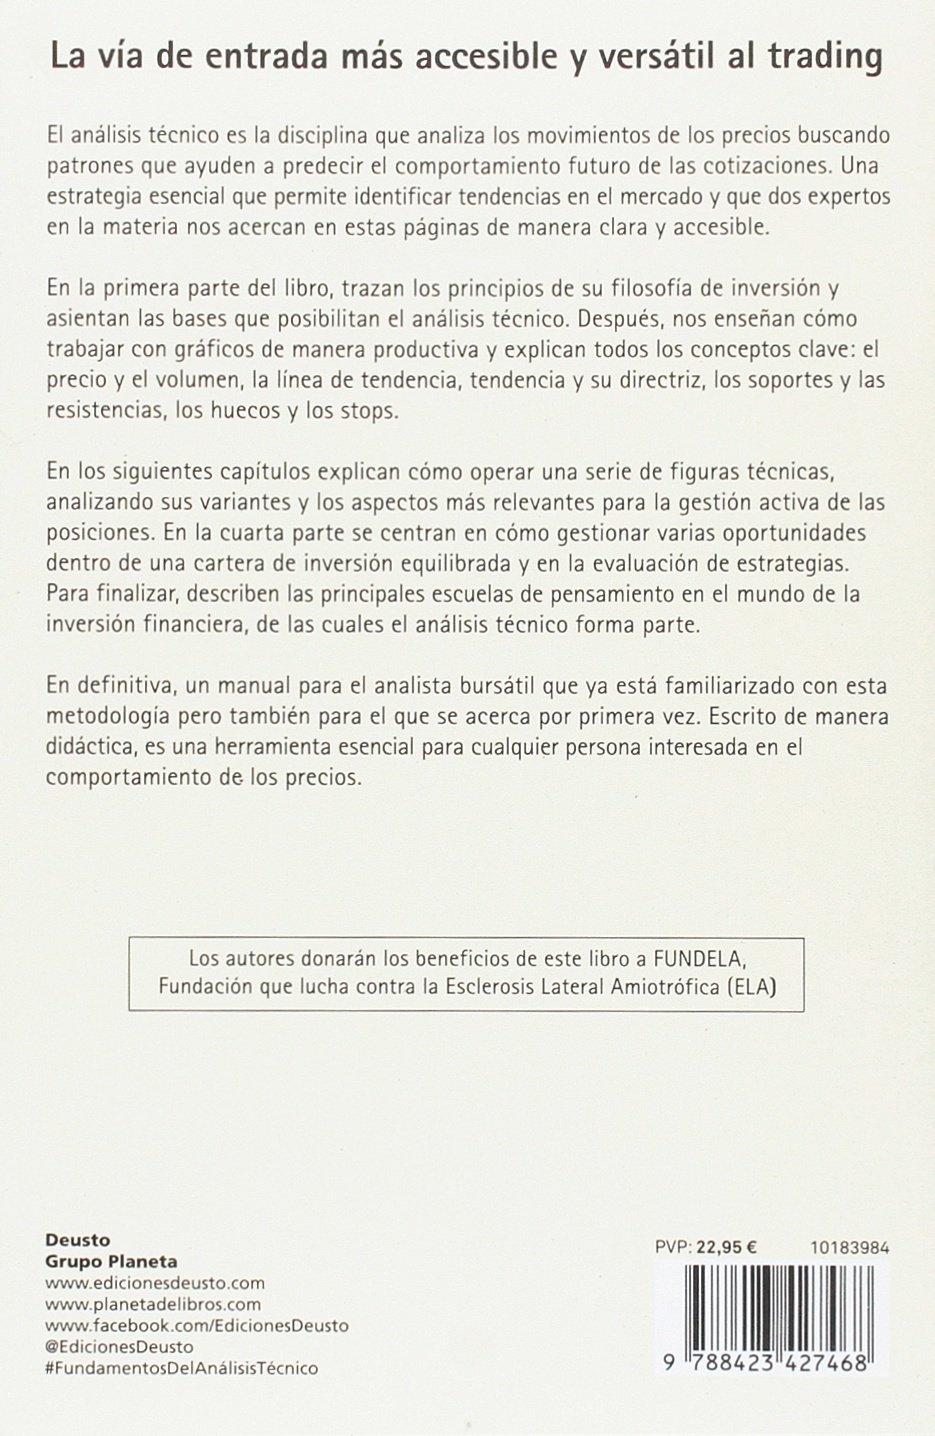 Fundamentos del análisis técnico : un acercamiento conductual a la inversión financiera: Carlos Doblado Peralta, Isaac de la Peña Ambite: 9788423427468: ...